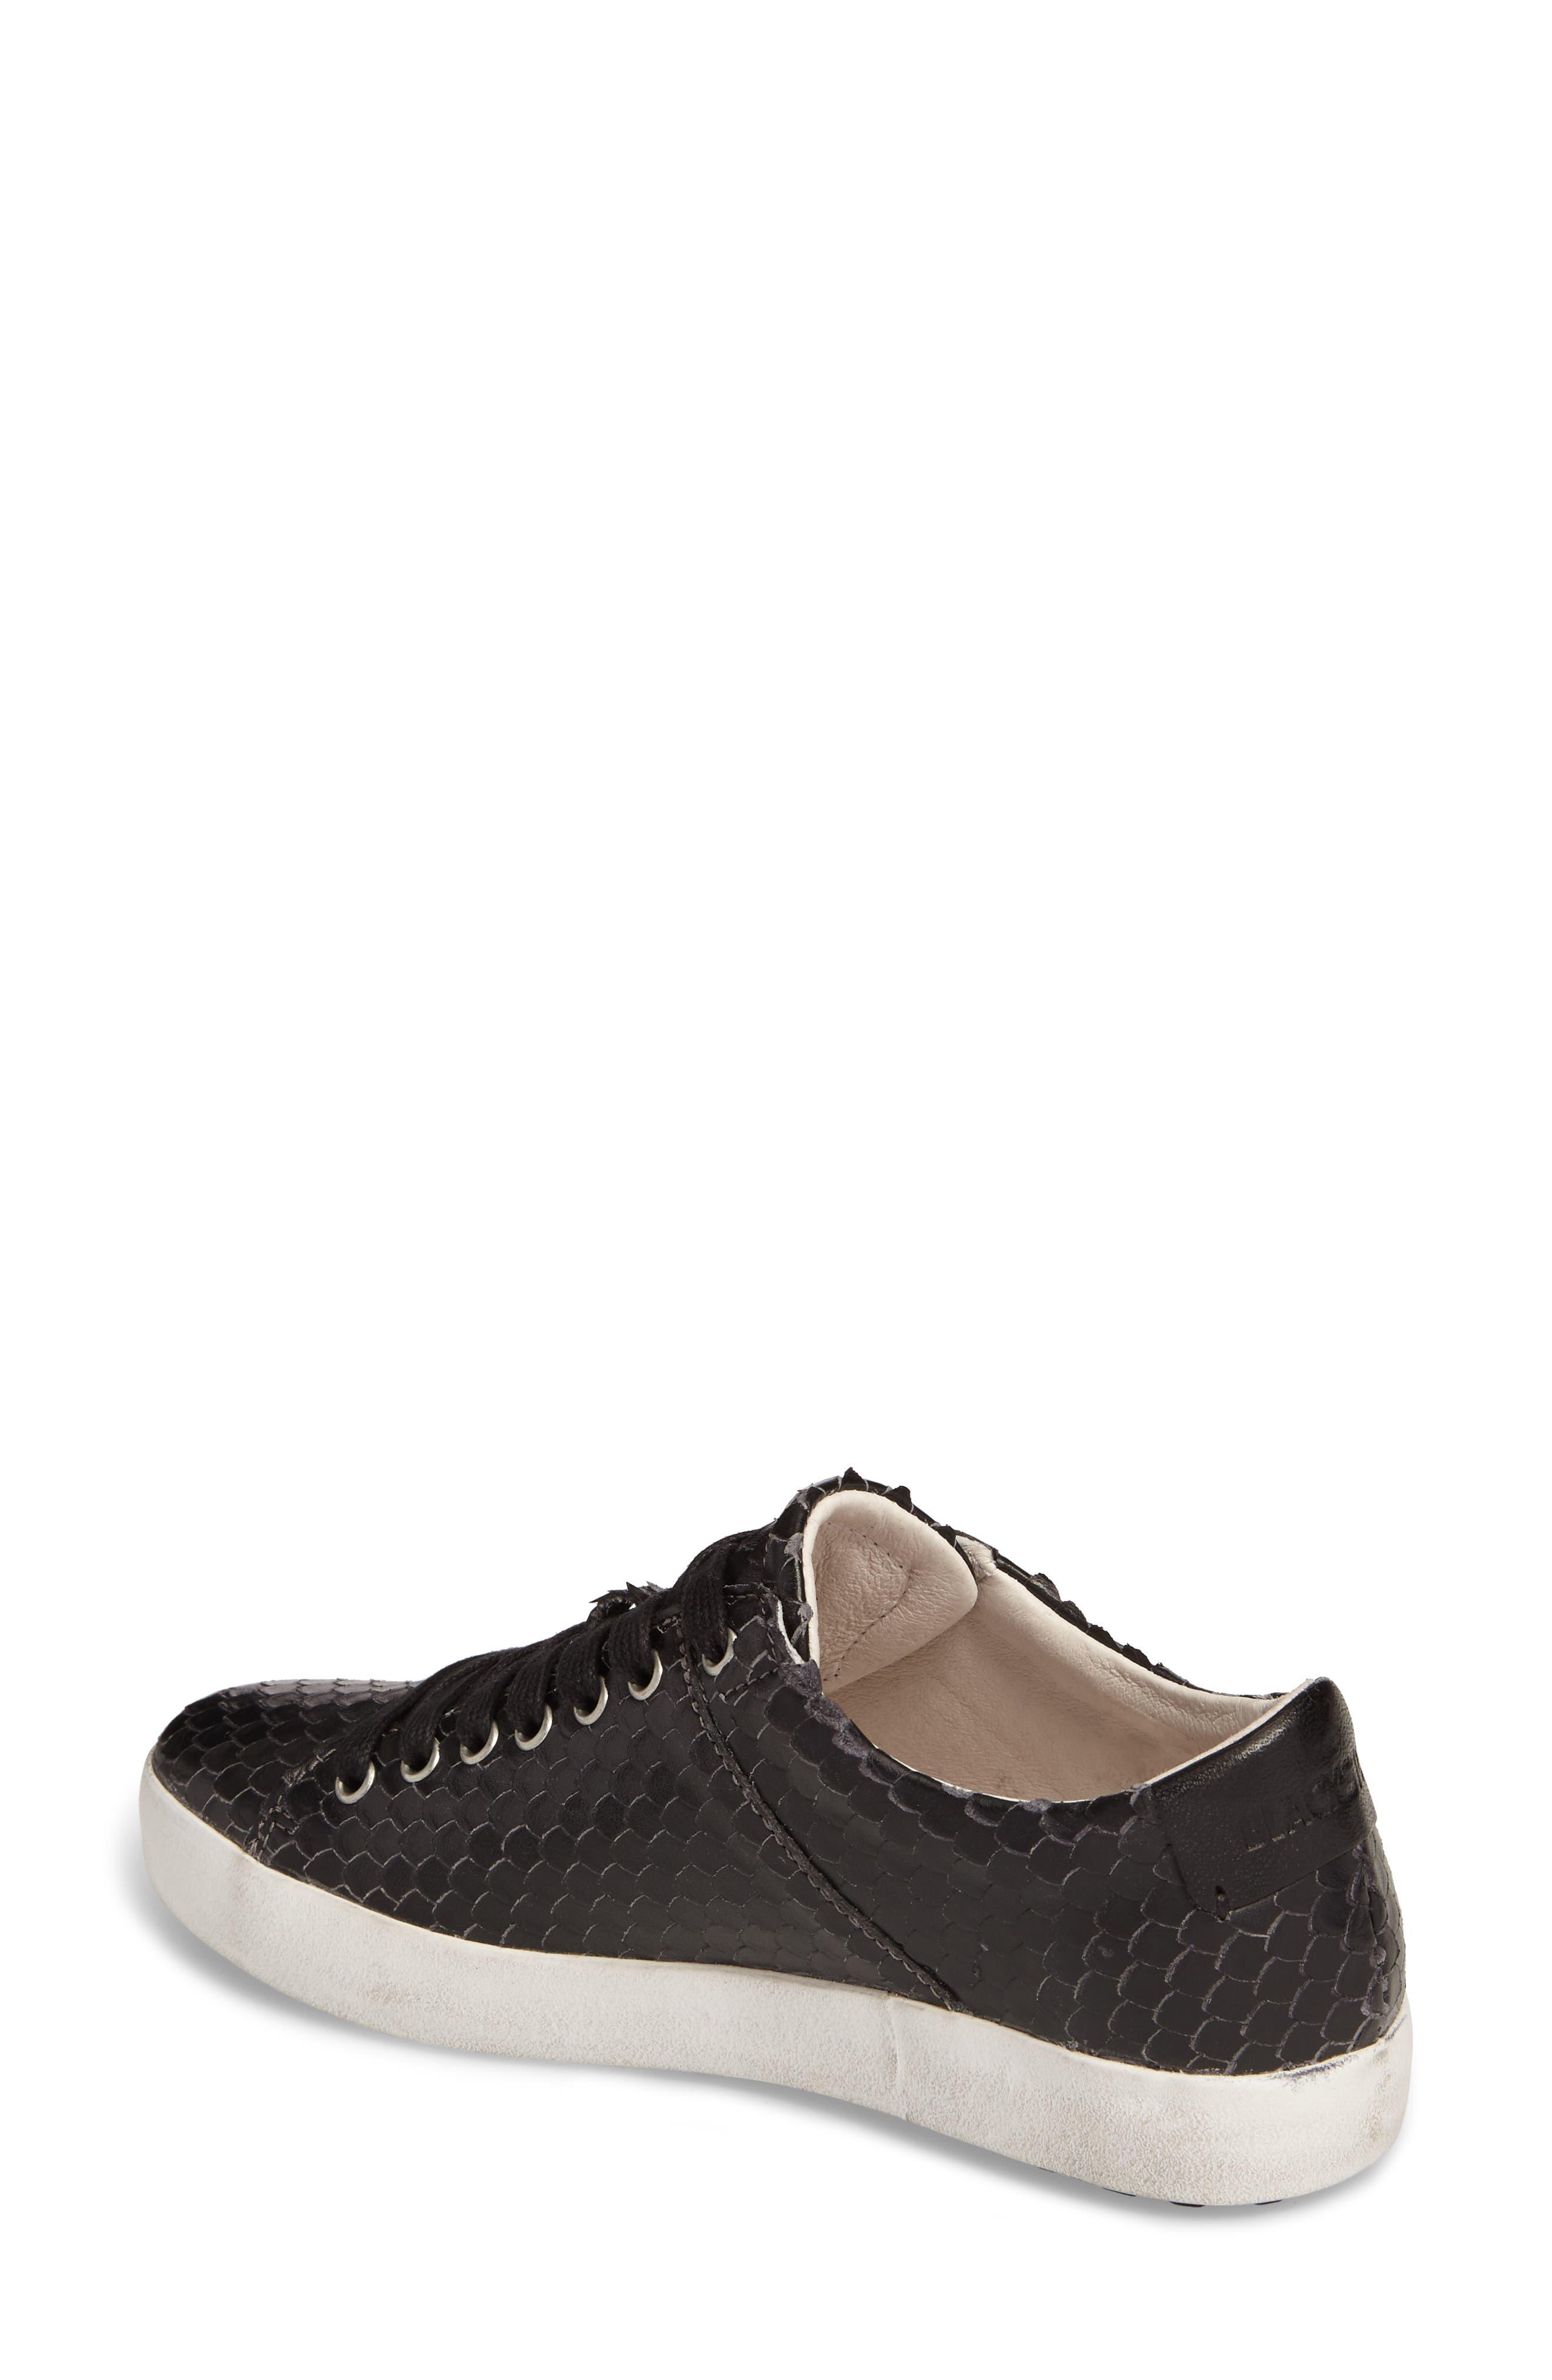 OL25 Sneaker,                             Alternate thumbnail 2, color,                             BLACK LEATHER